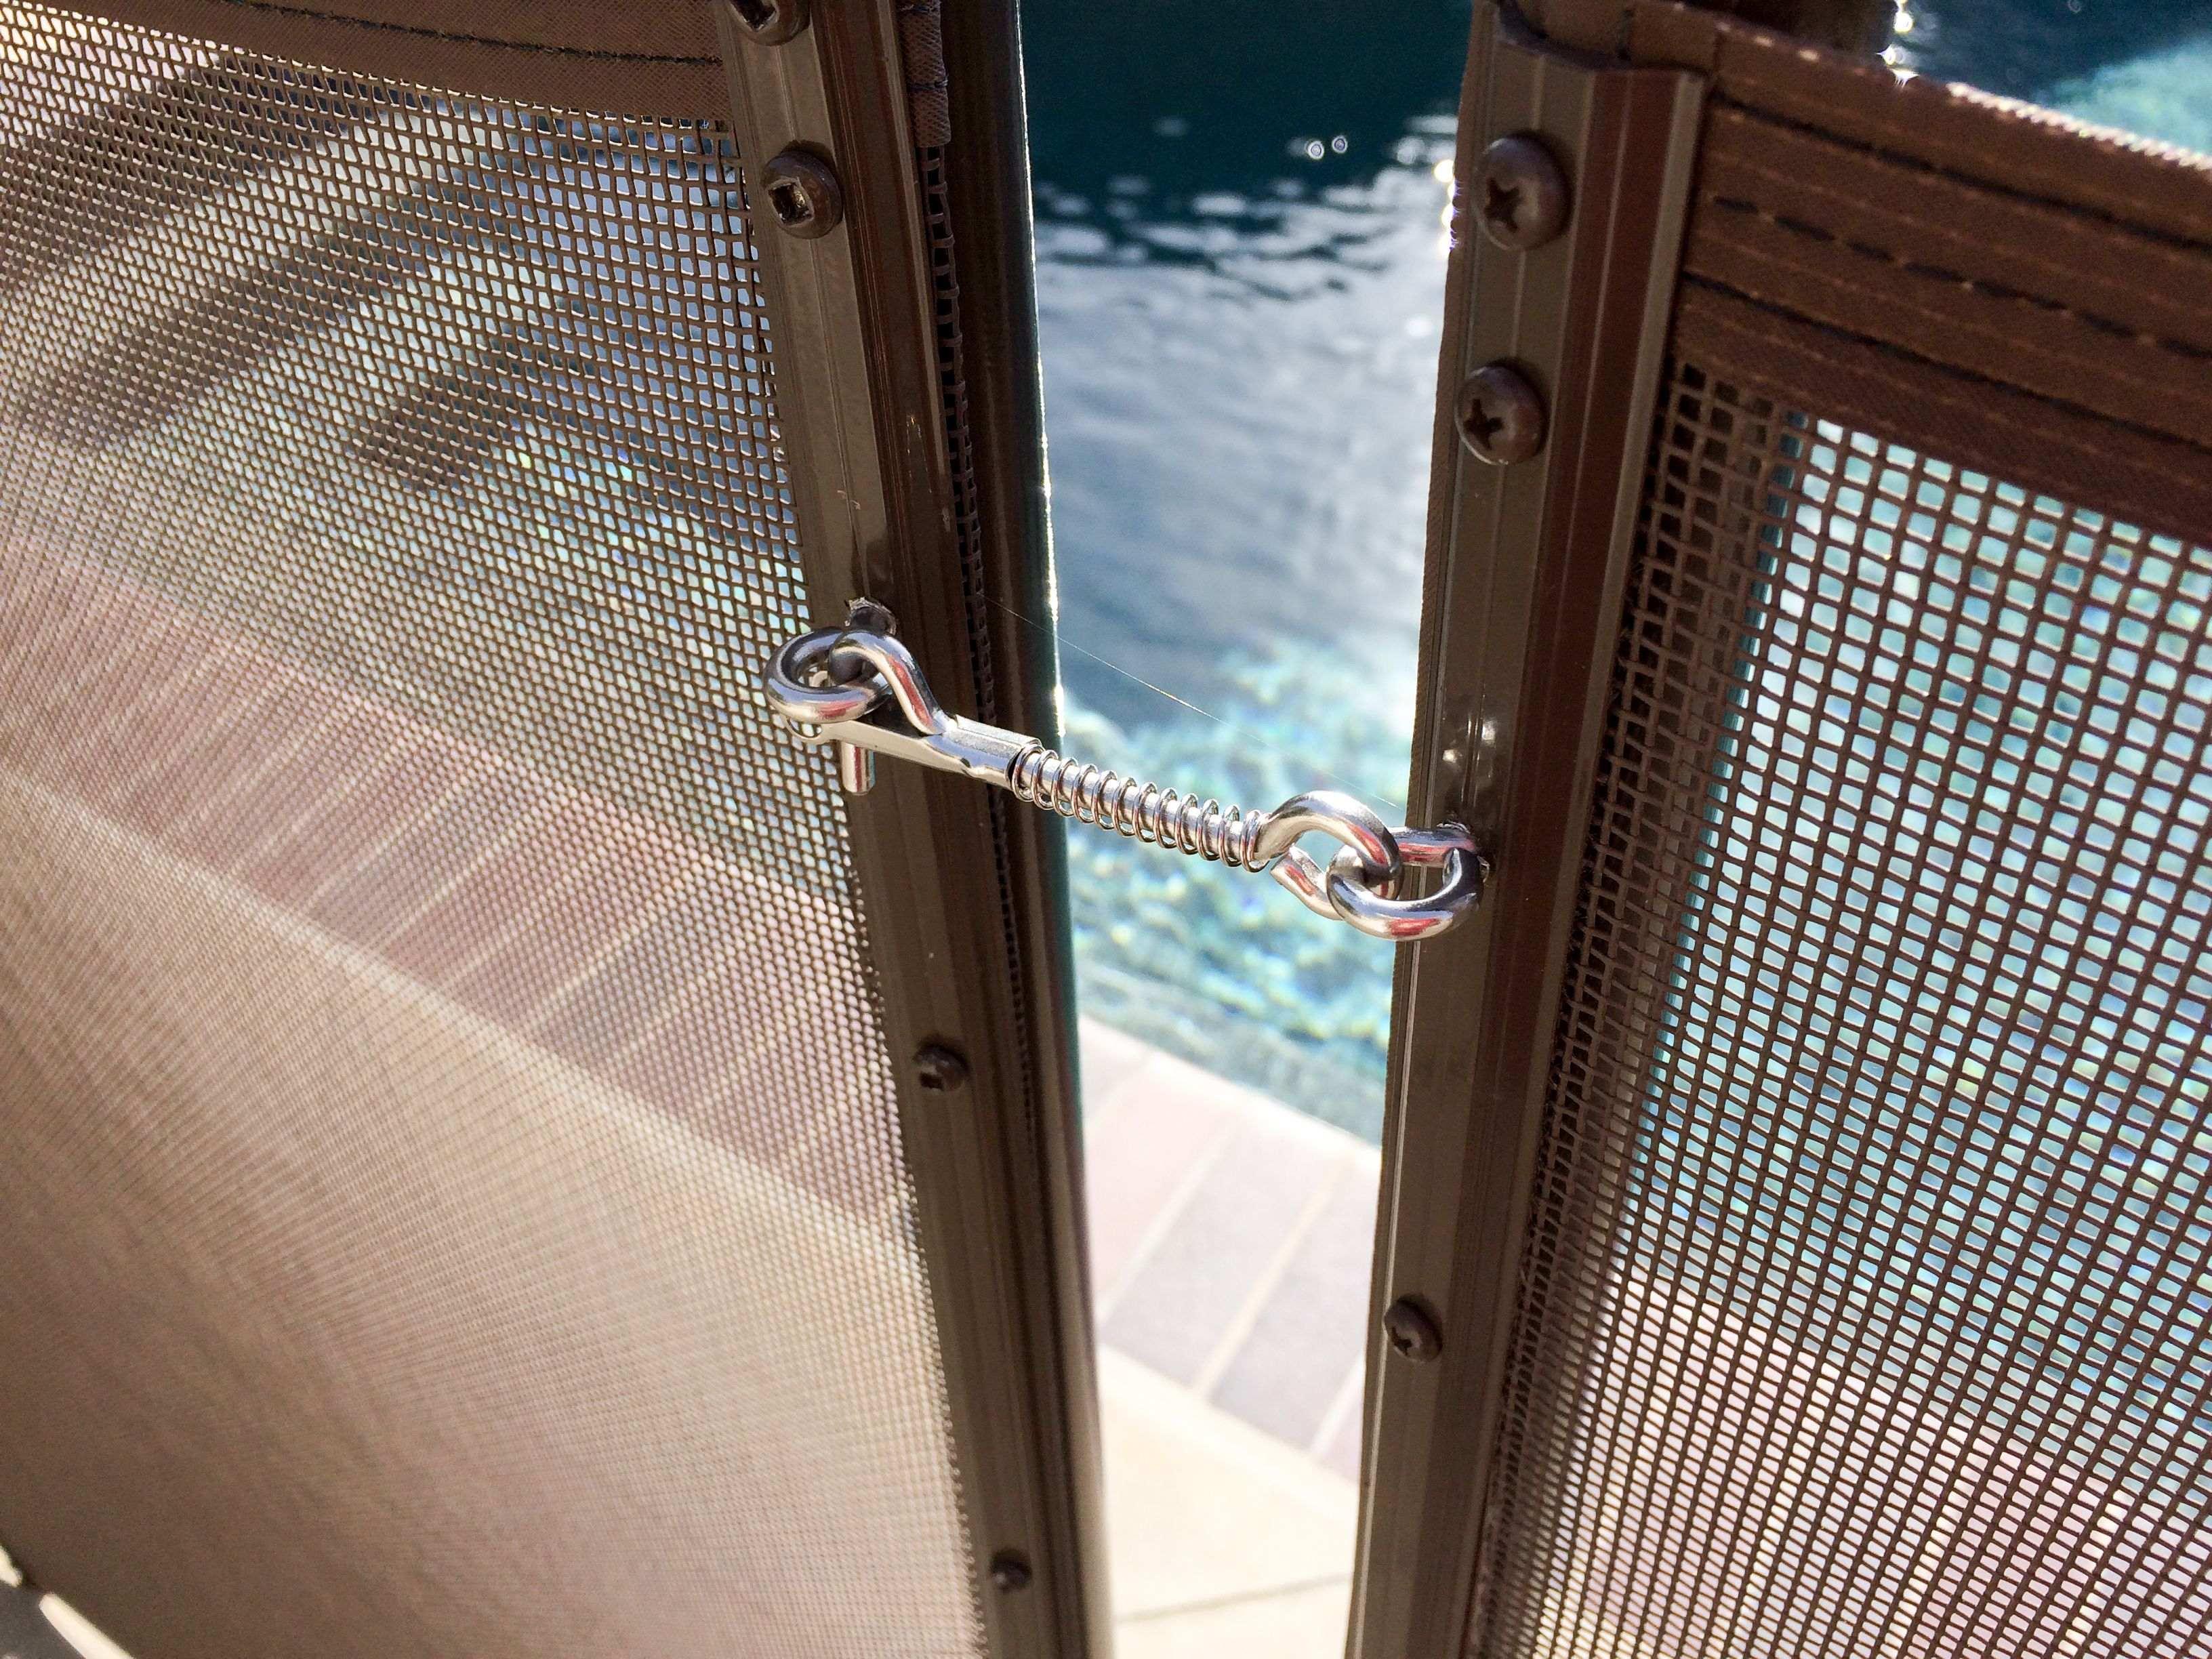 Cómo elegir dispositivos de seguridad para la piscina